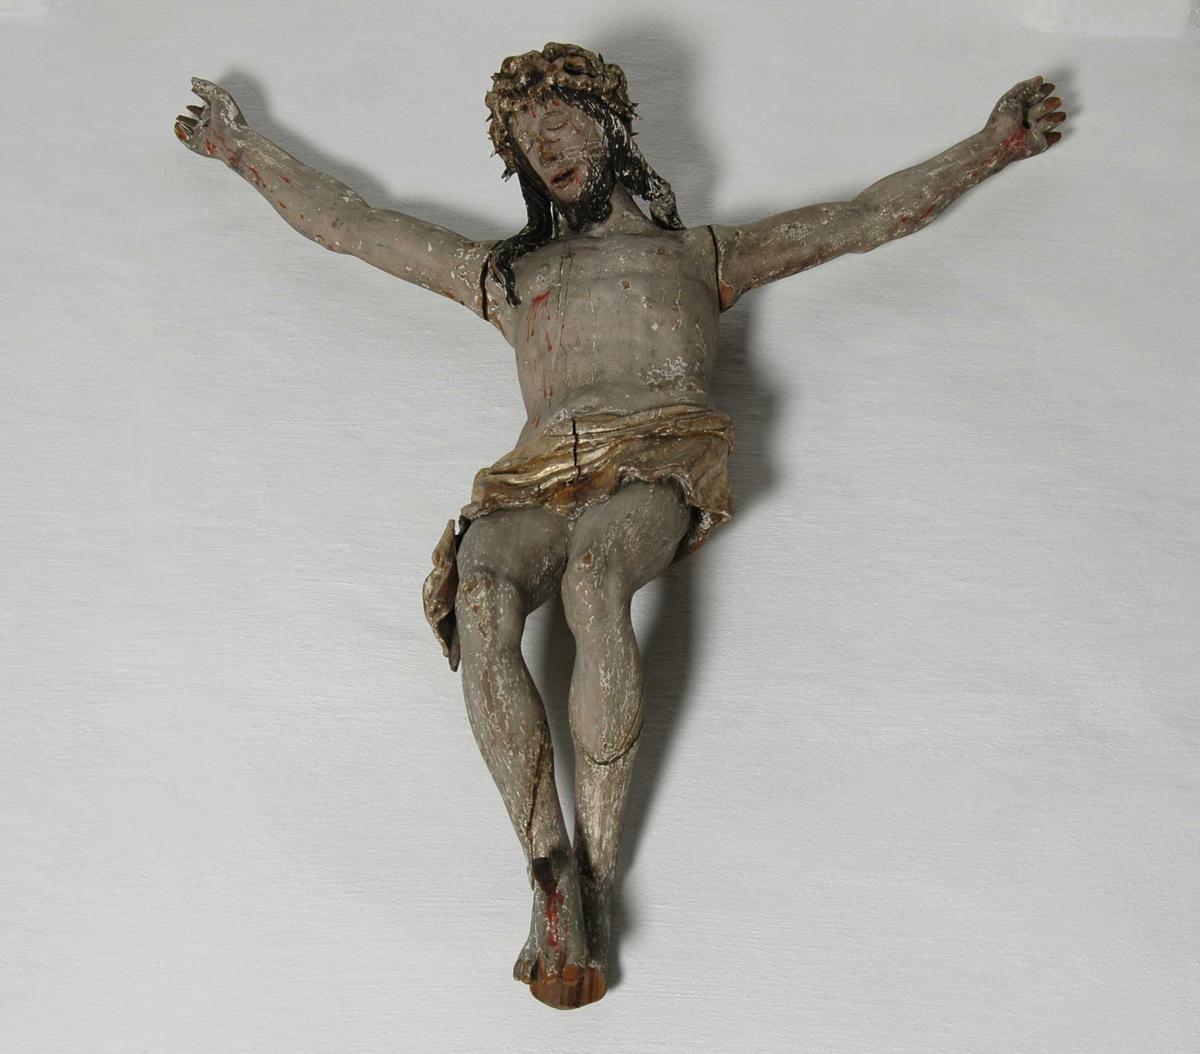 Den lidende Kristus i korsfestelsesposisjon. Forgylt lendeklede og tornekrone.